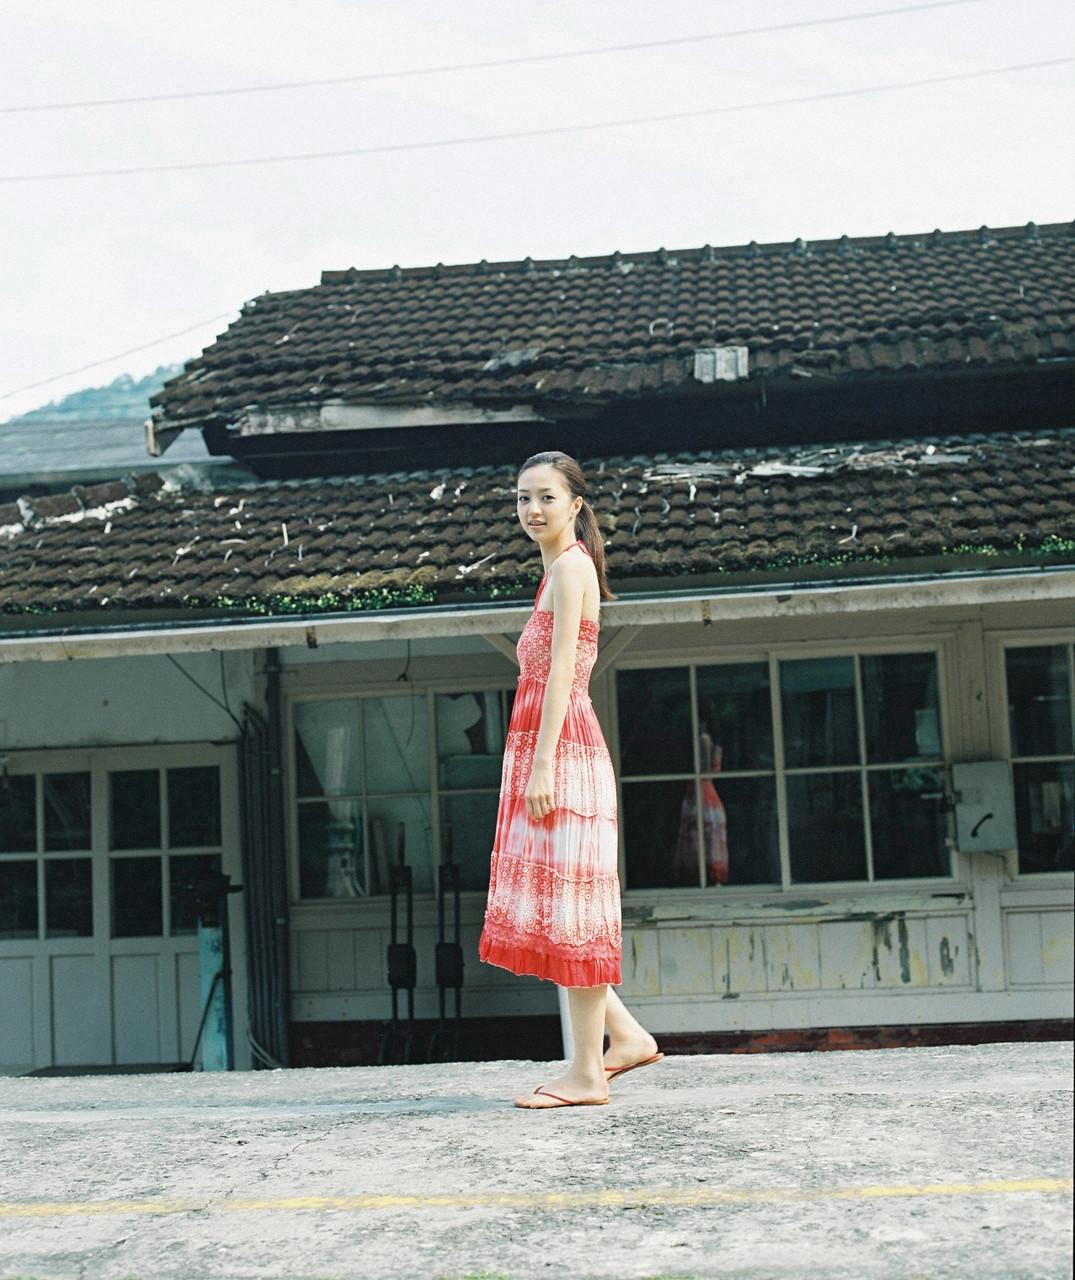 逢沢りな「さよなら、美少女」グラビア 09-05